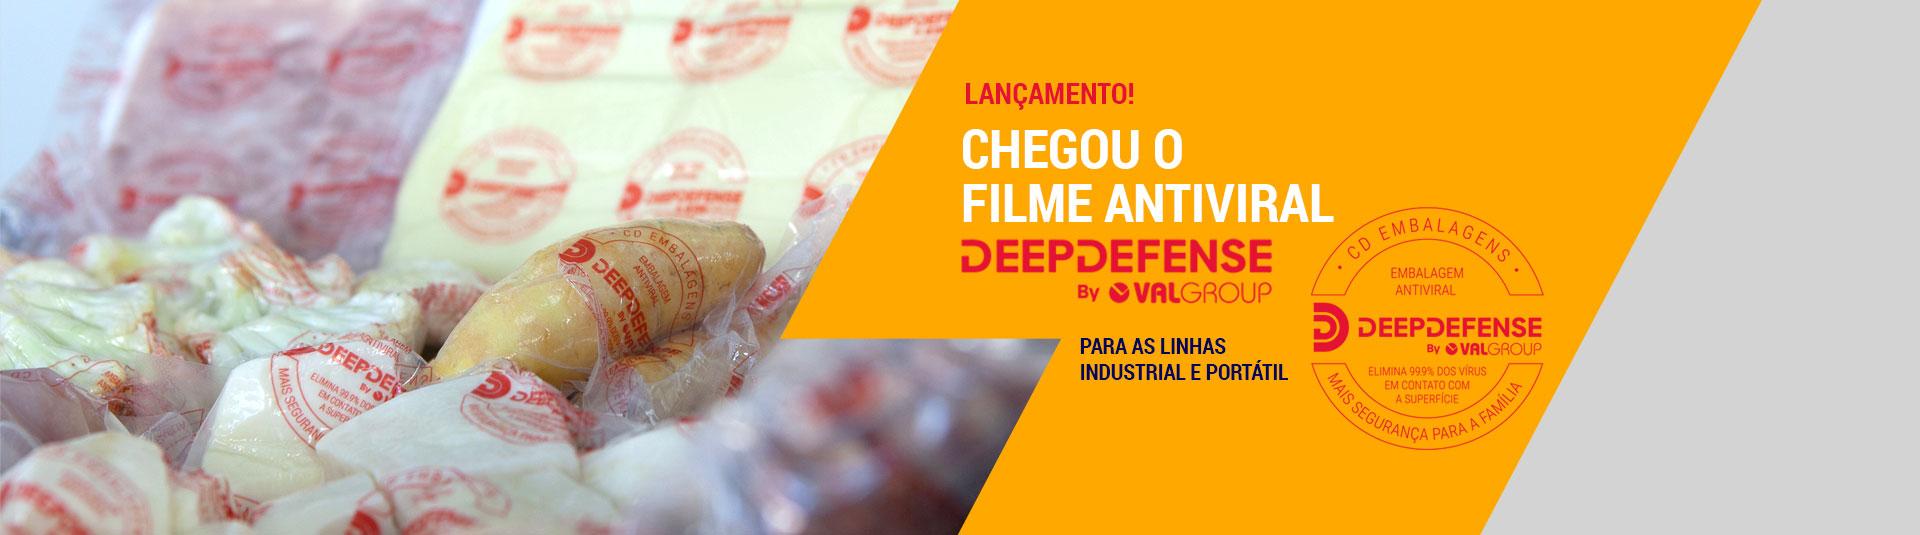 DeepDefense